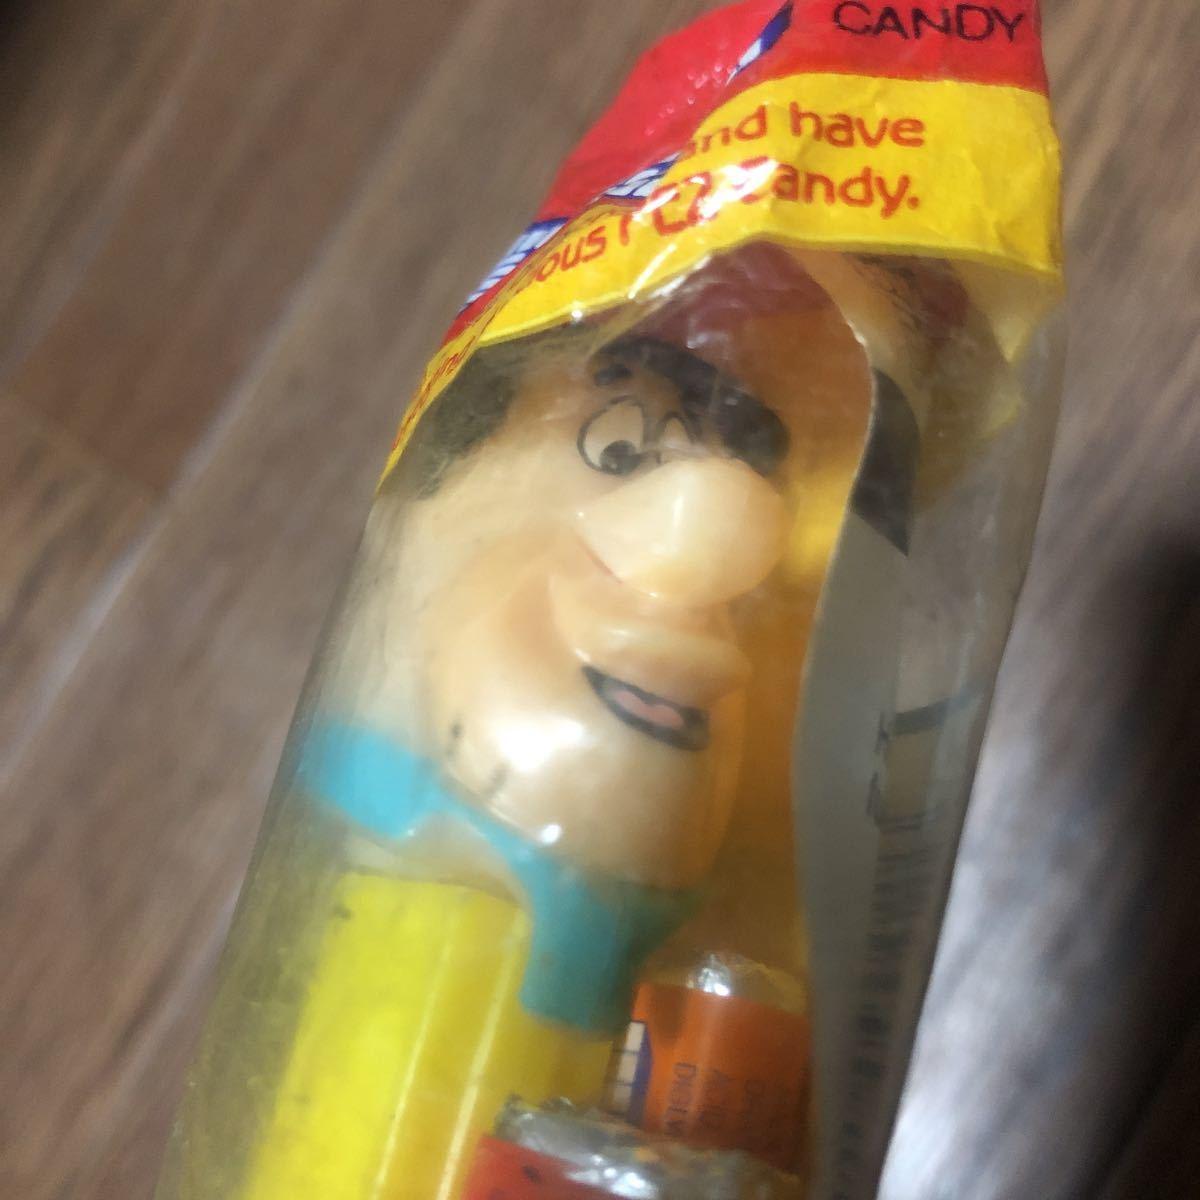 ペッツ PEZ【原始家族フリントストーン】1992年★激レア★未開封新品★アメリカ製★The Flintstones★Hanna-Barbera Productions←貴重!_画像3